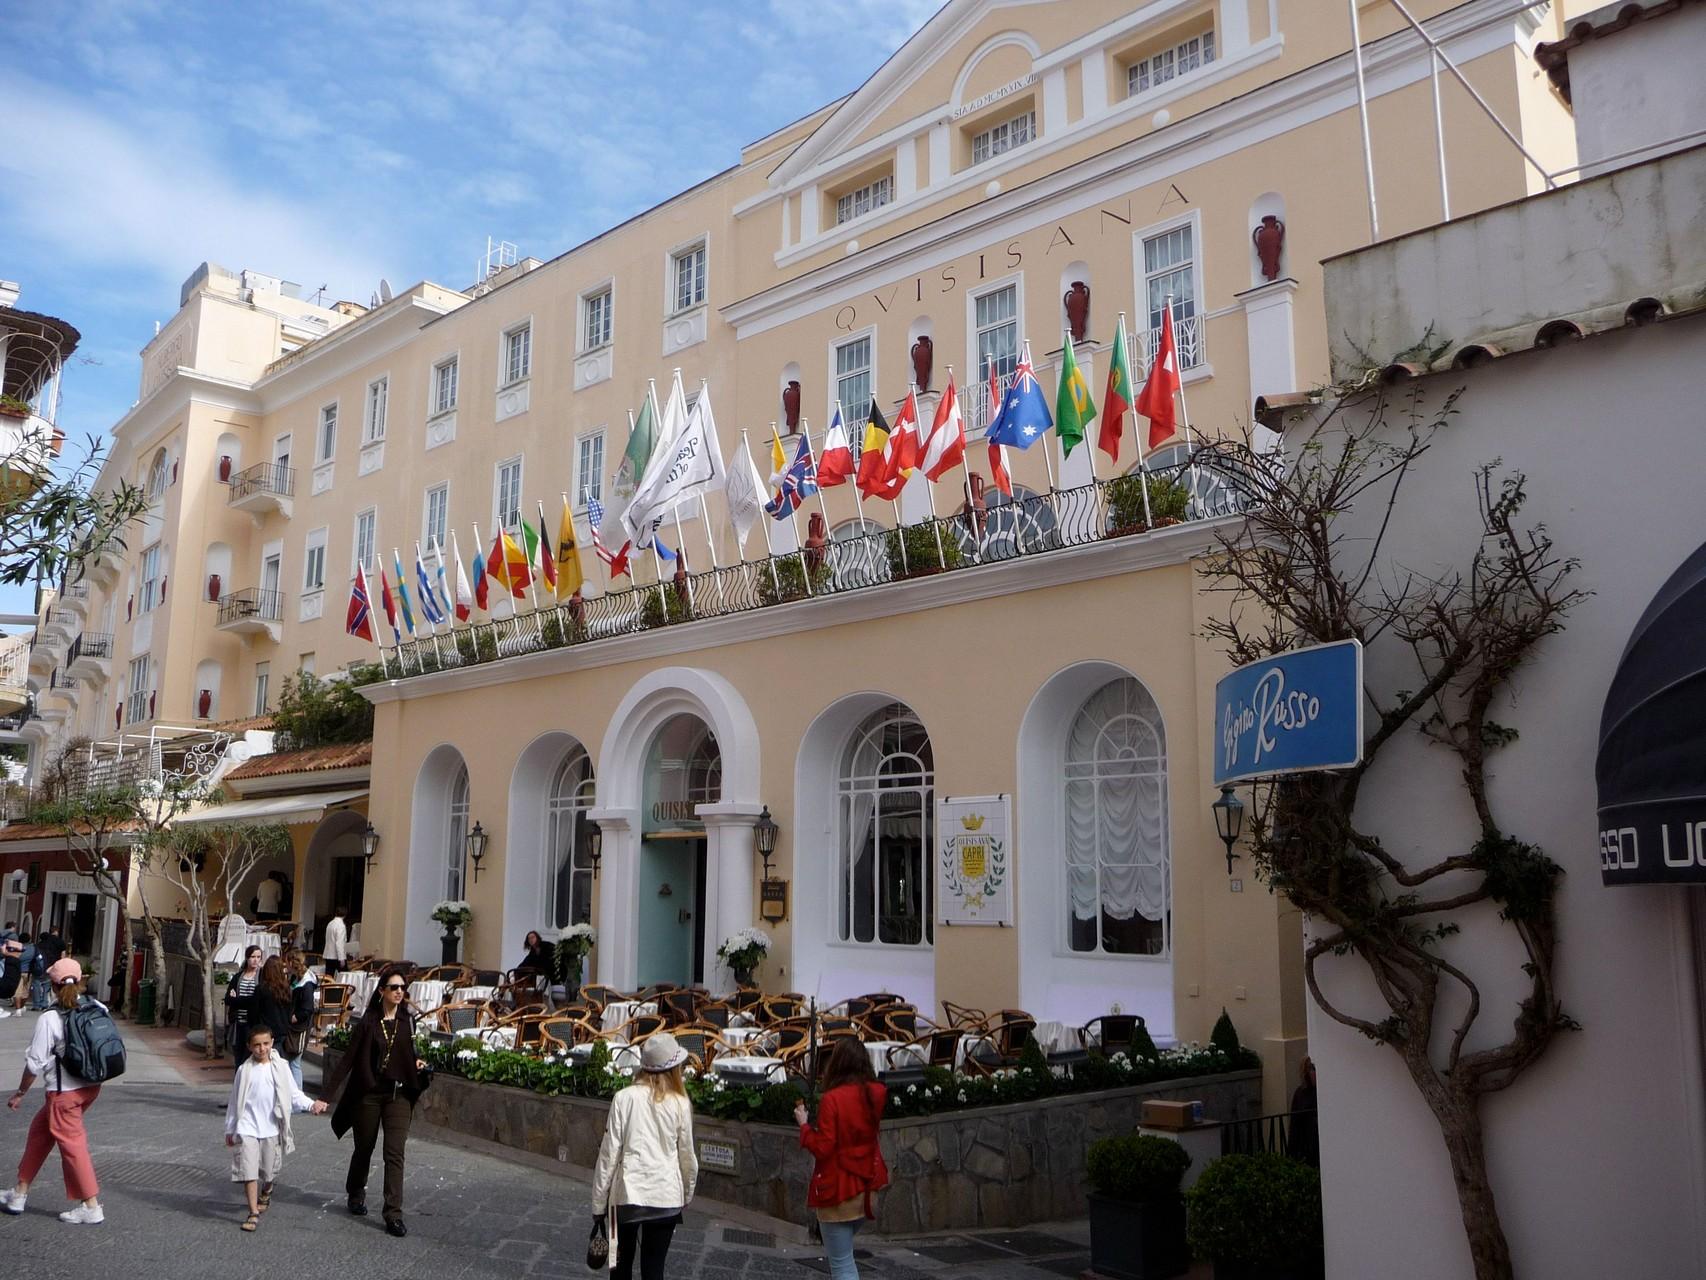 Luxus-Hotel in Capristadt